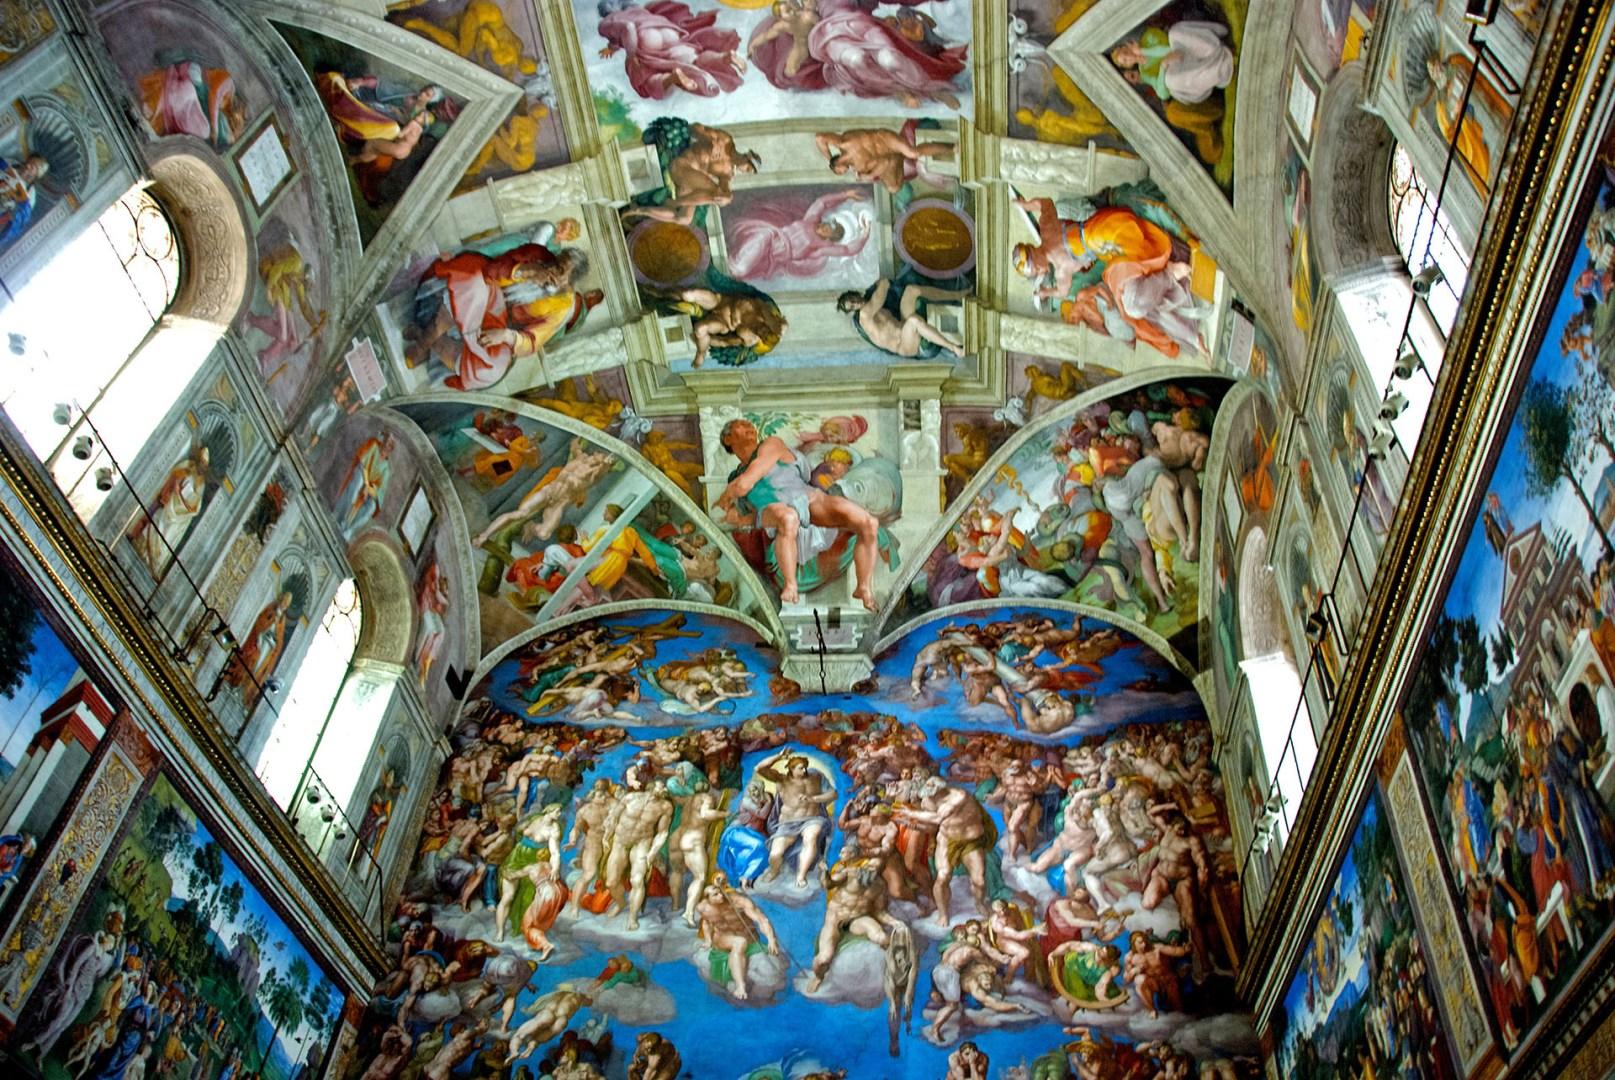 Cappella_Sistina_Sistine_Chapel_2476394326_sm